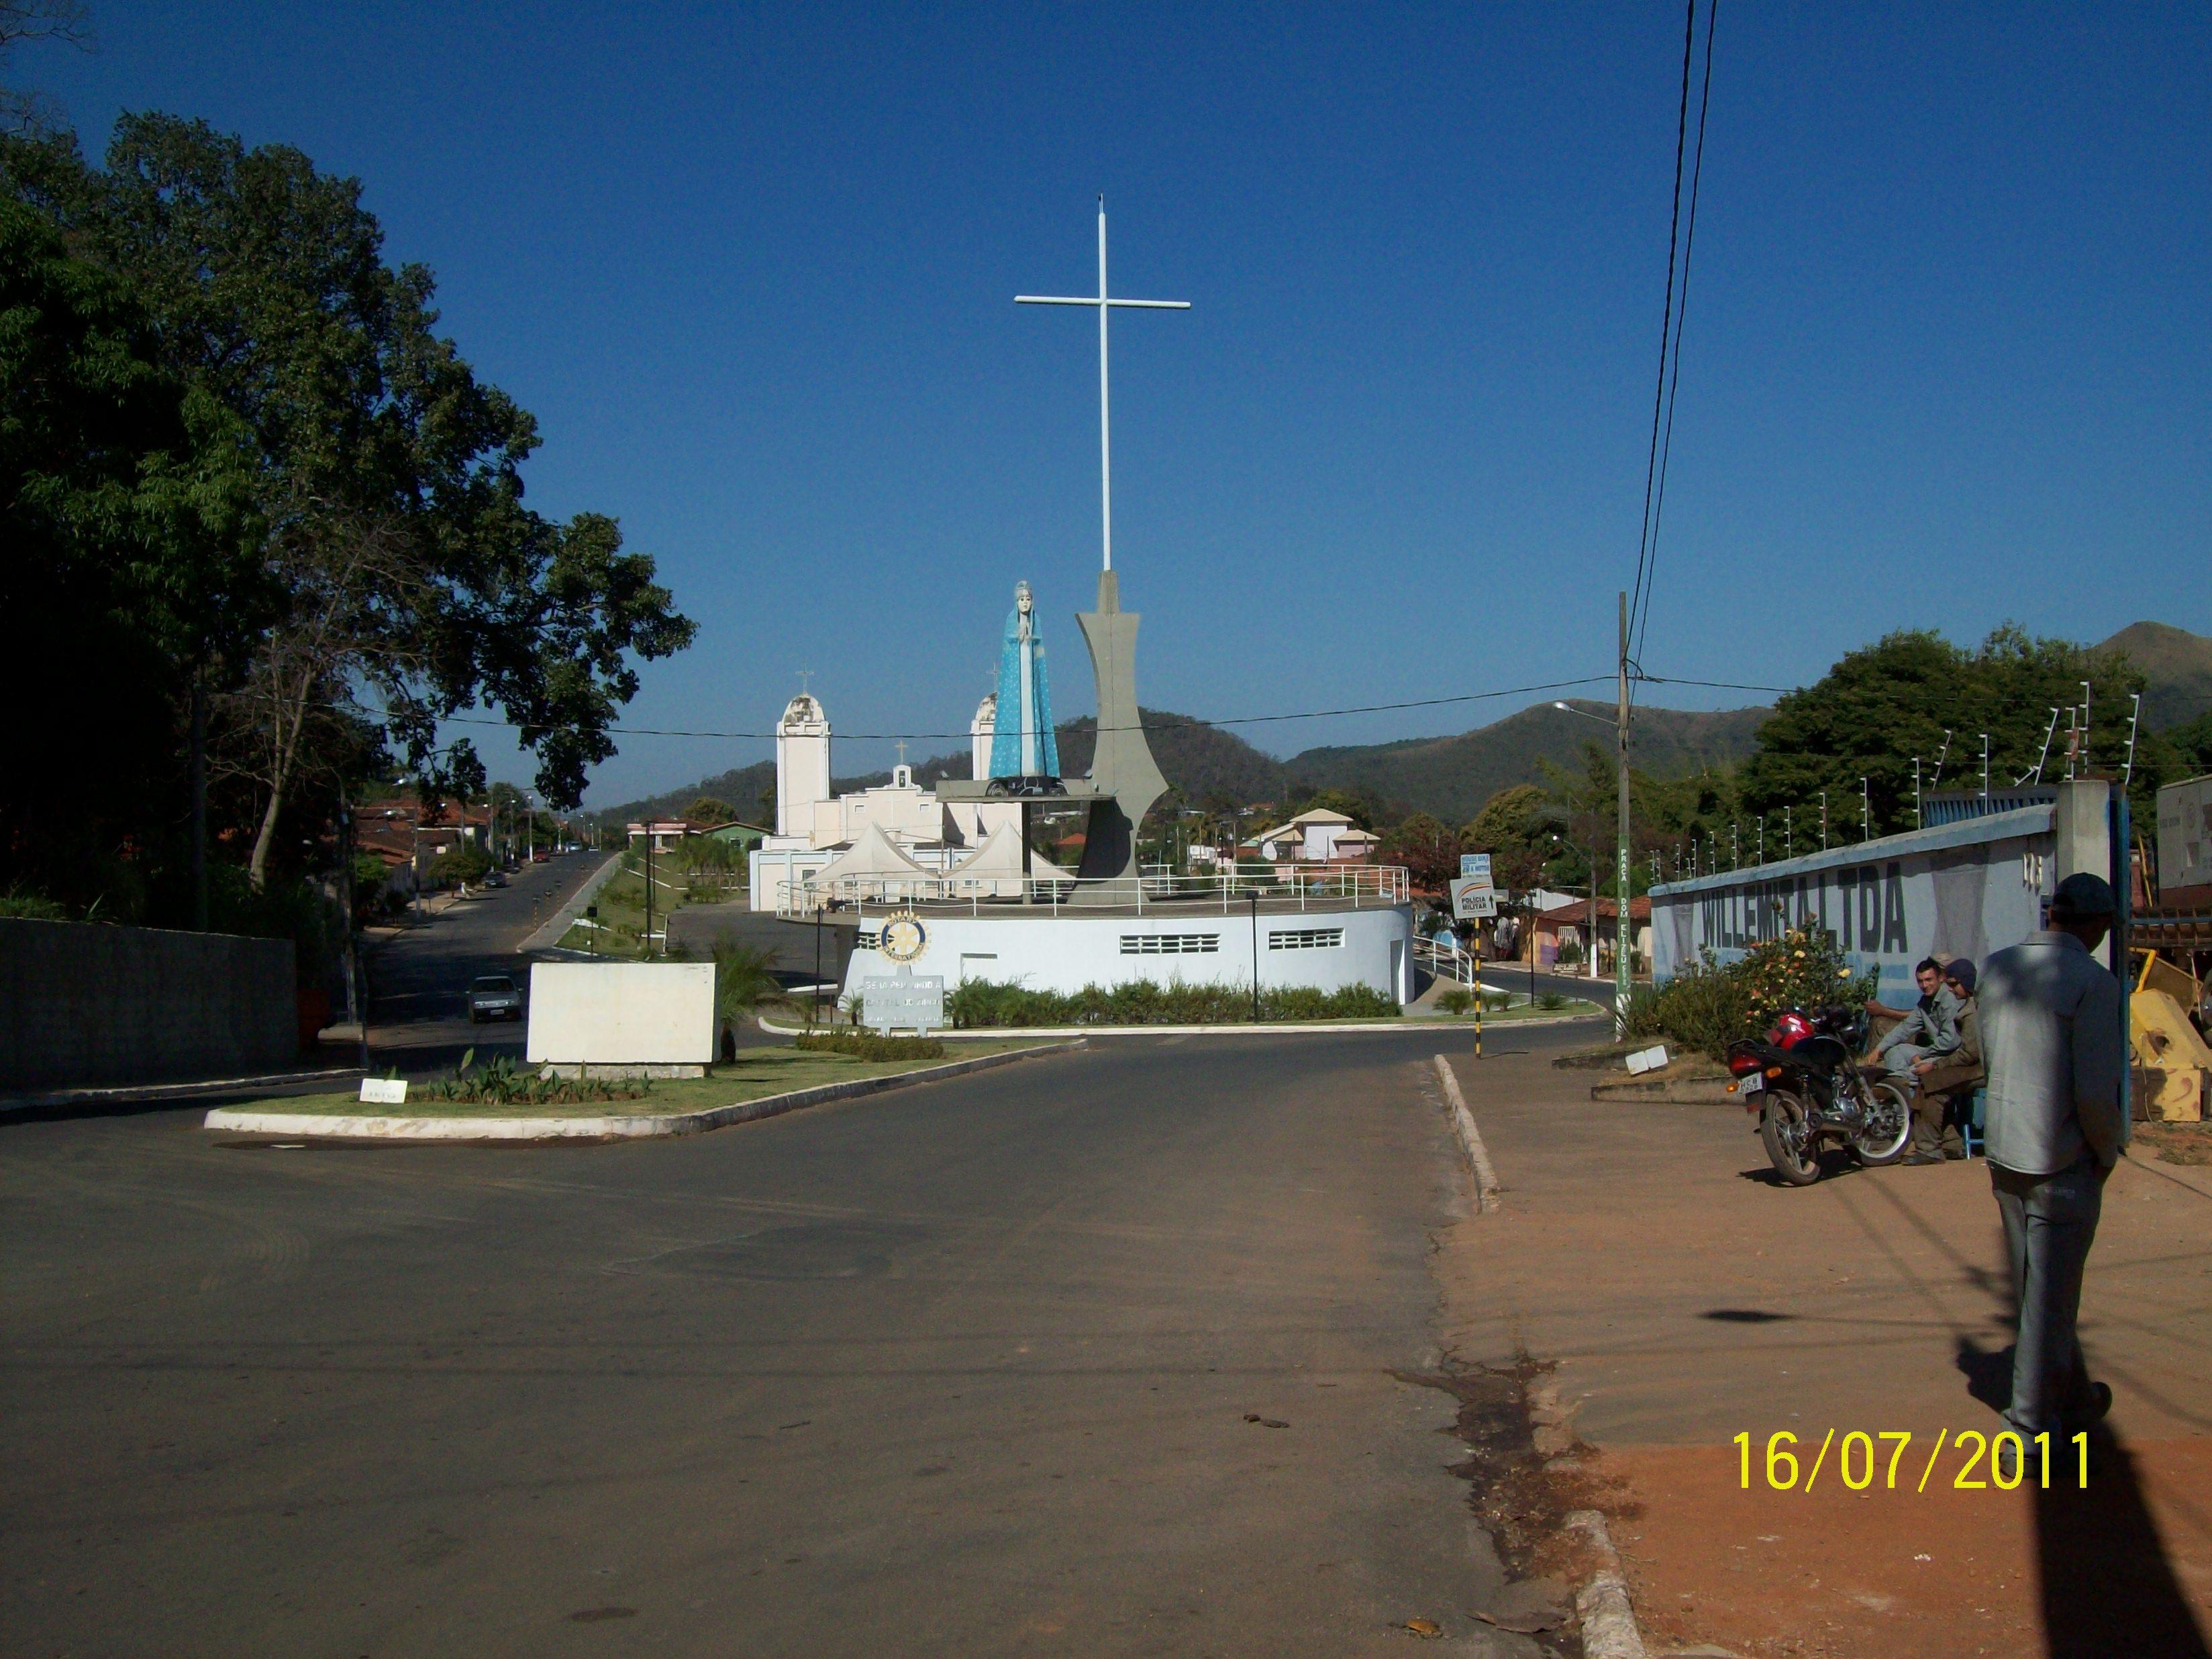 Vazante Minas Gerais fonte: upload.wikimedia.org